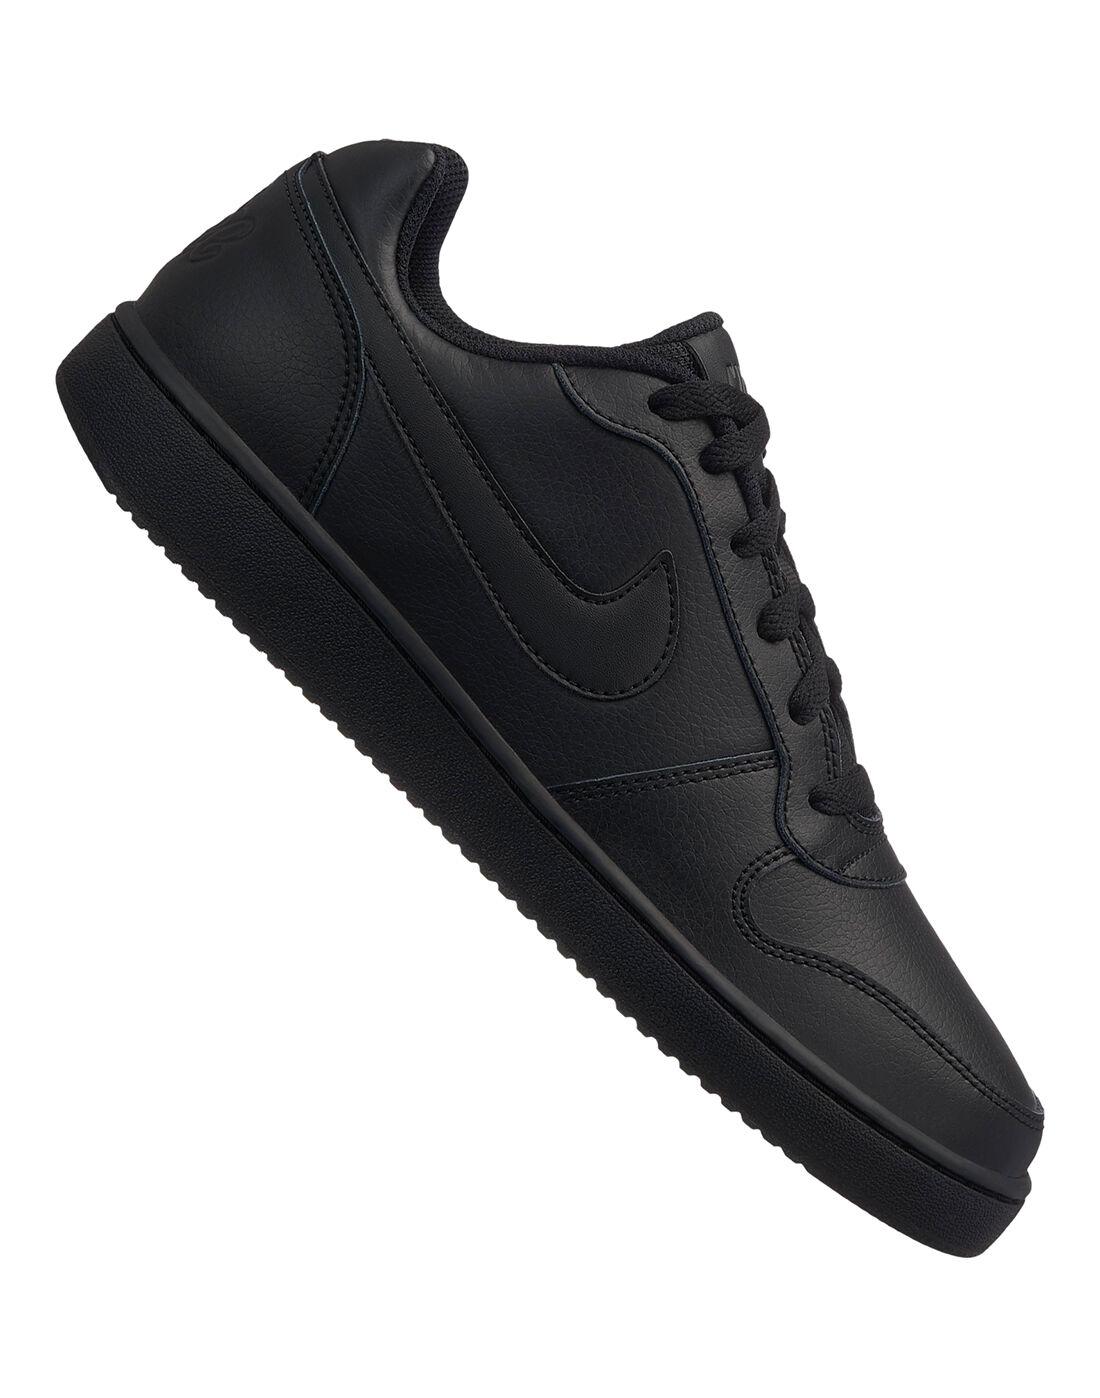 Nike Mens Ebernon Low   Life Style Sports